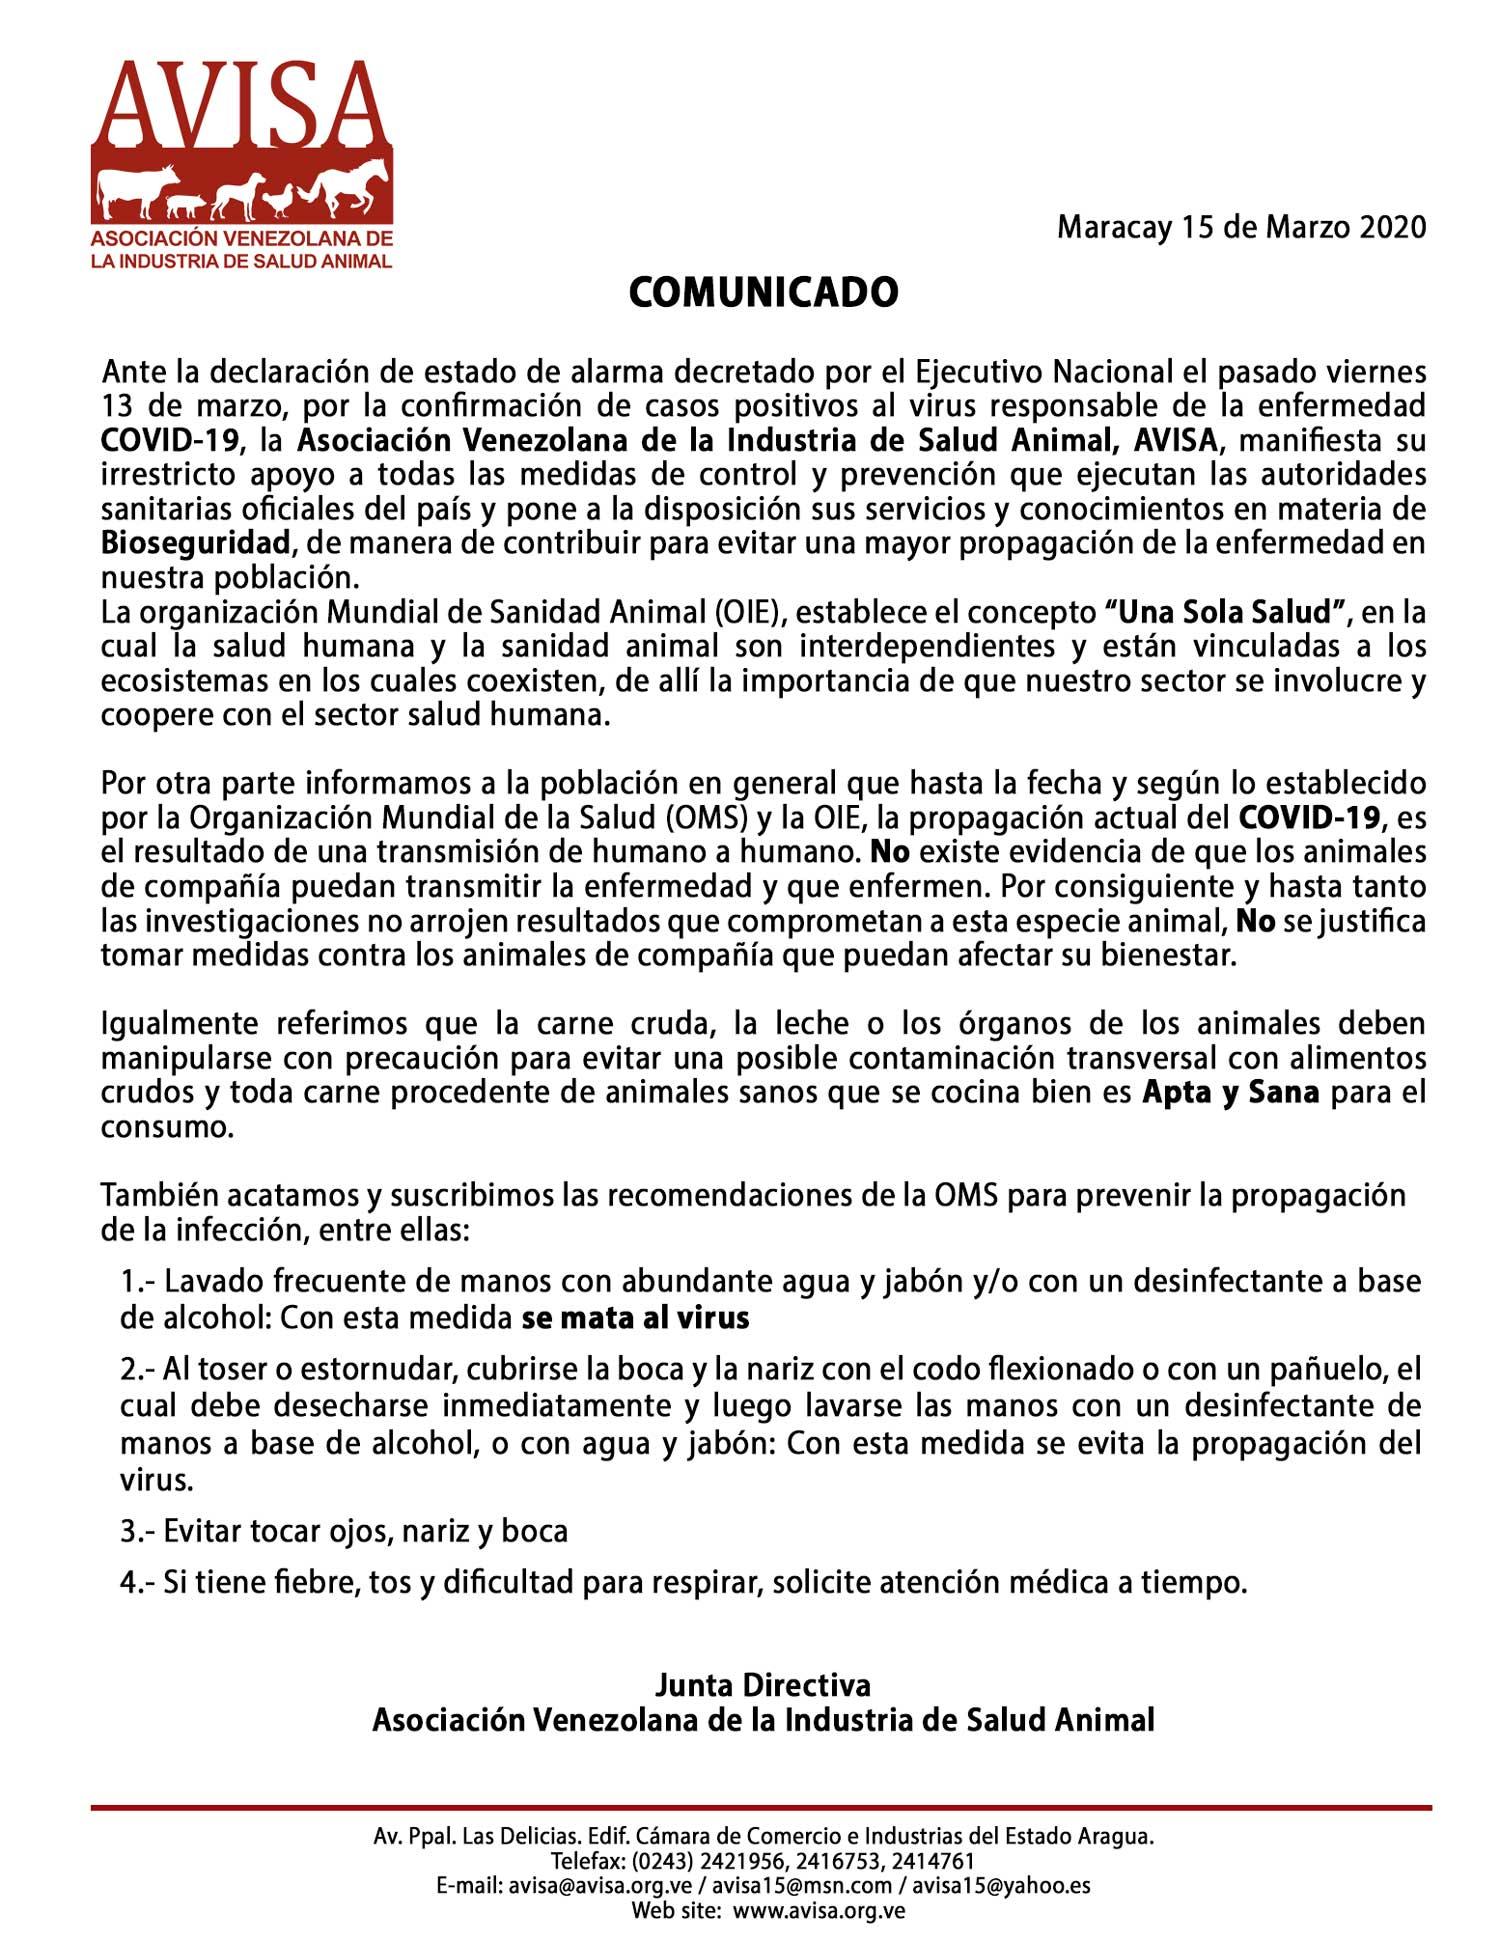 comunicado-covid-19